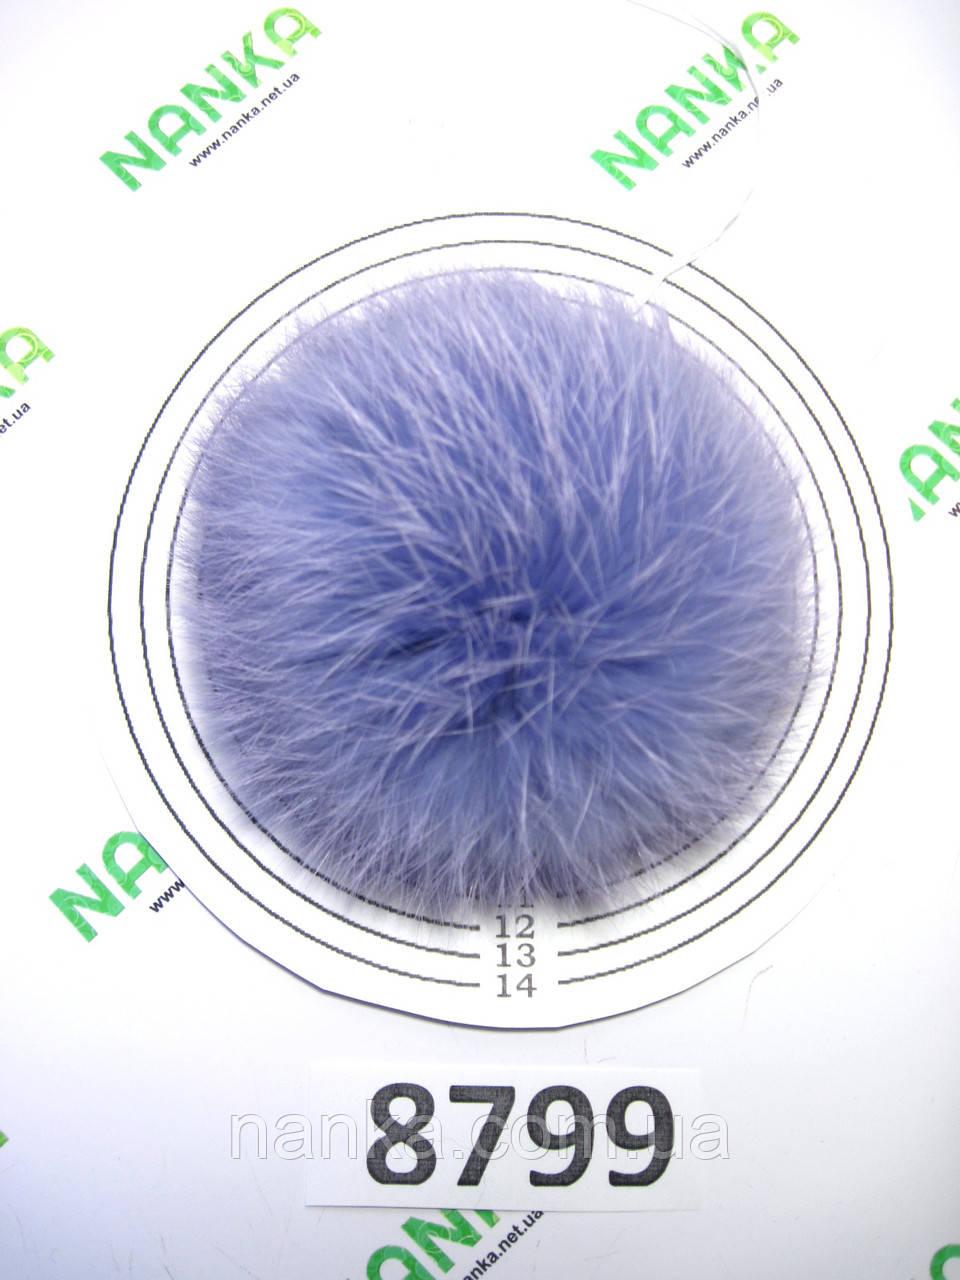 Меховой помпон Кролик, Сирень, 11 см, 8799